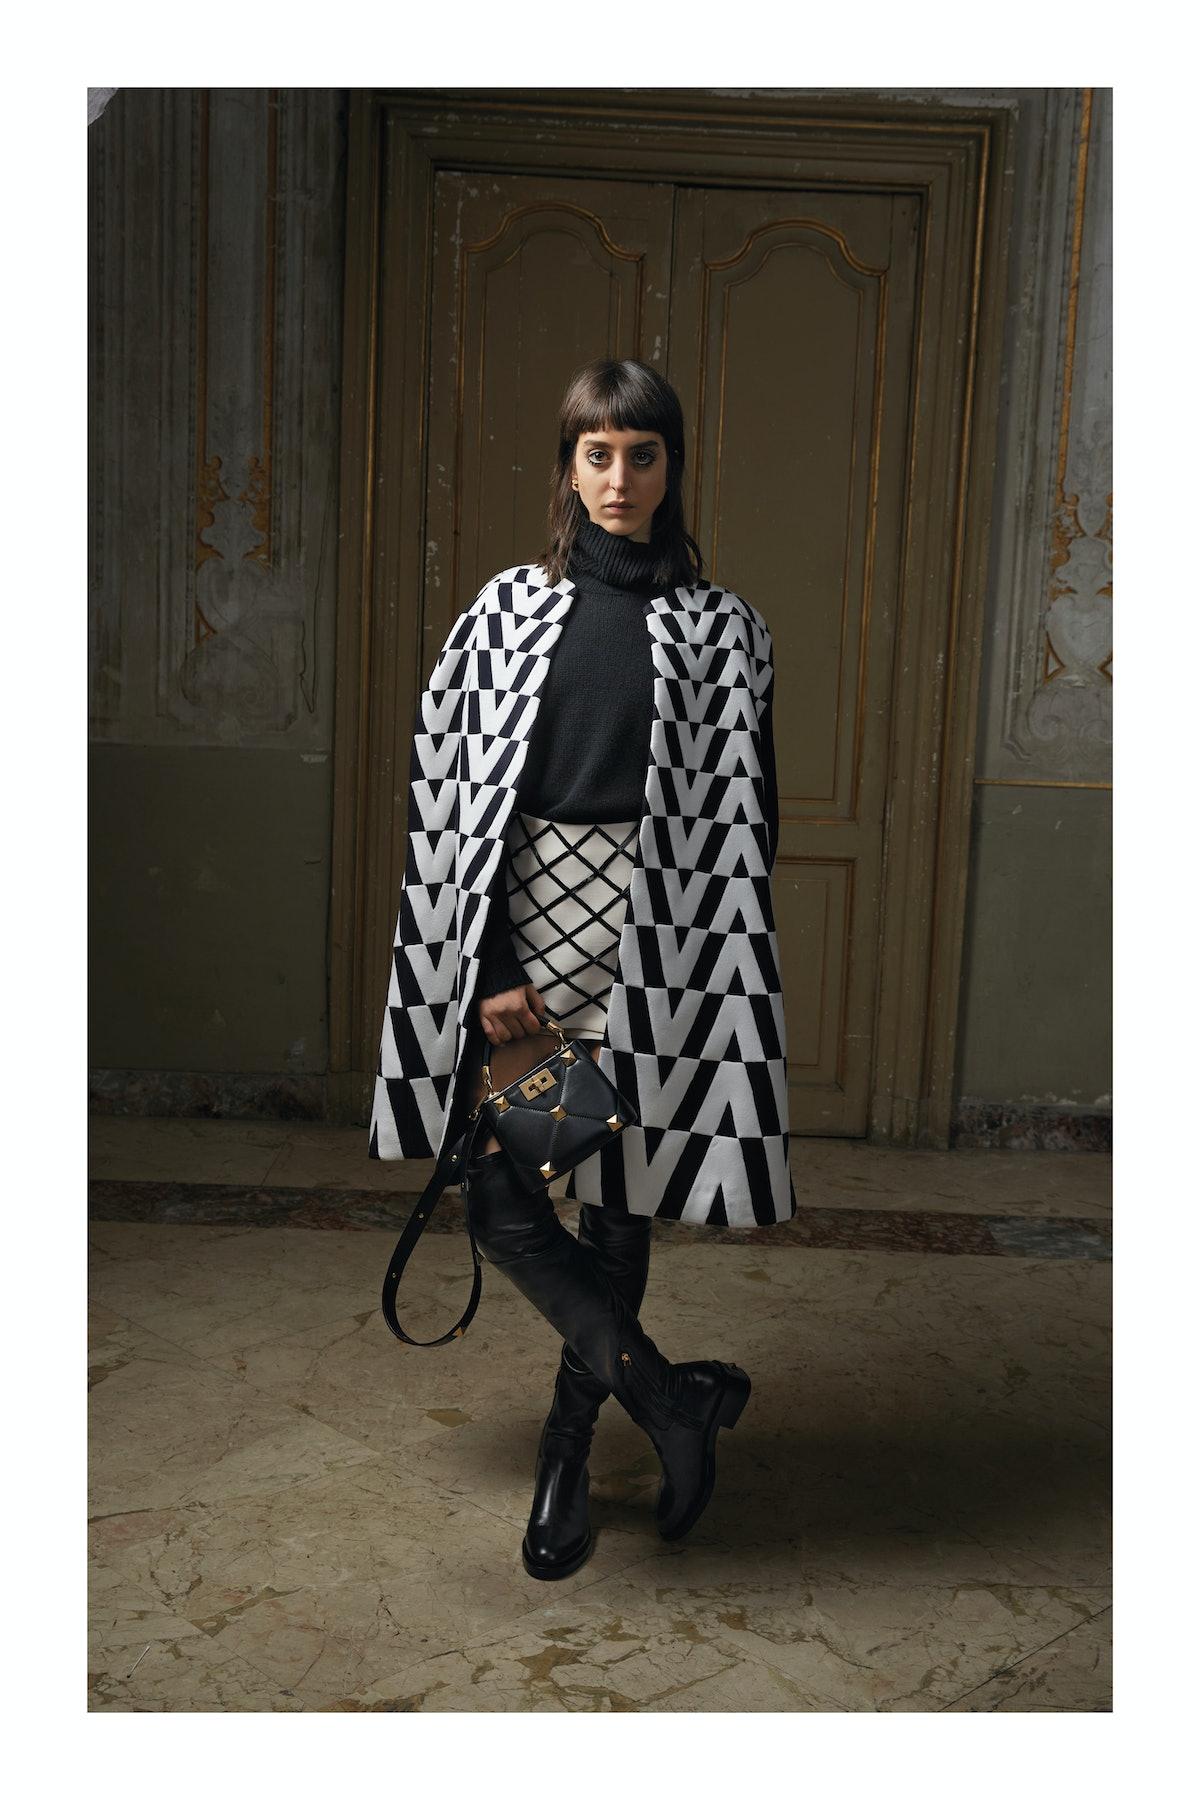 Model in black and white Valentino cape